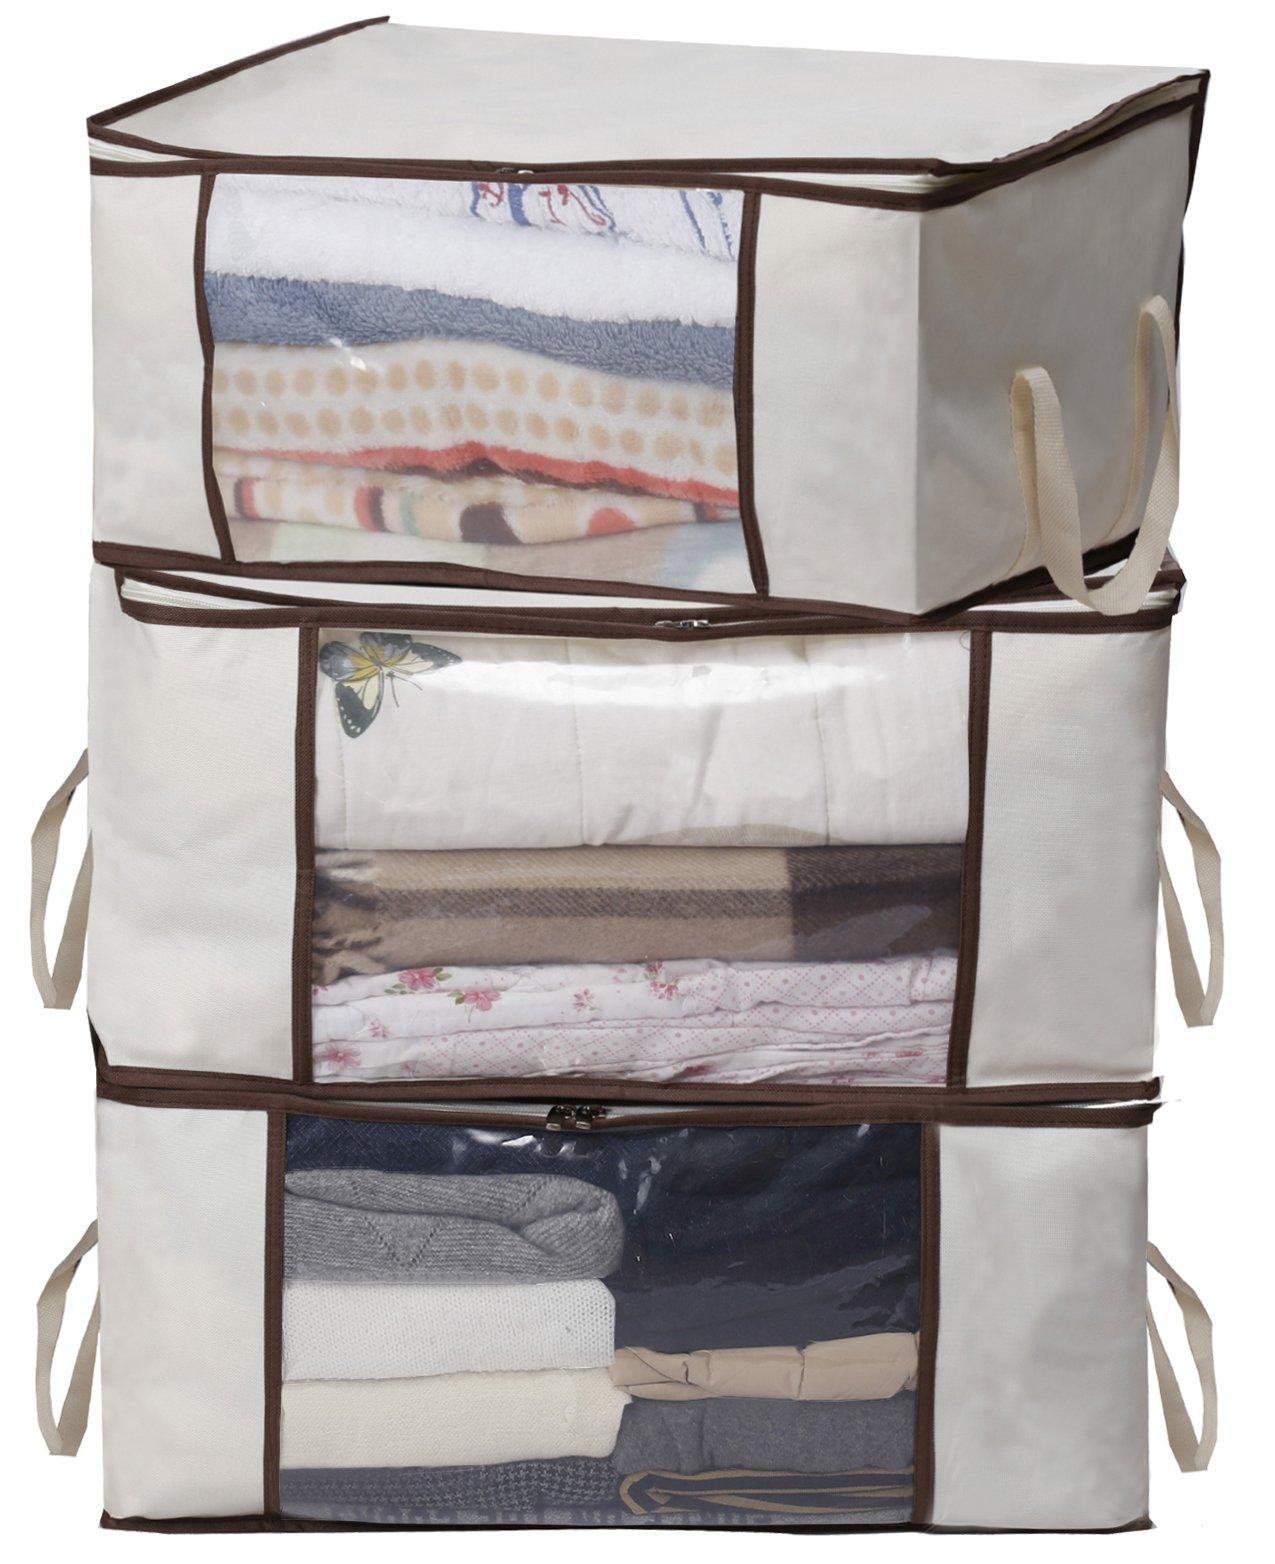 MISSLO Clothing Organizer Storage Comforter